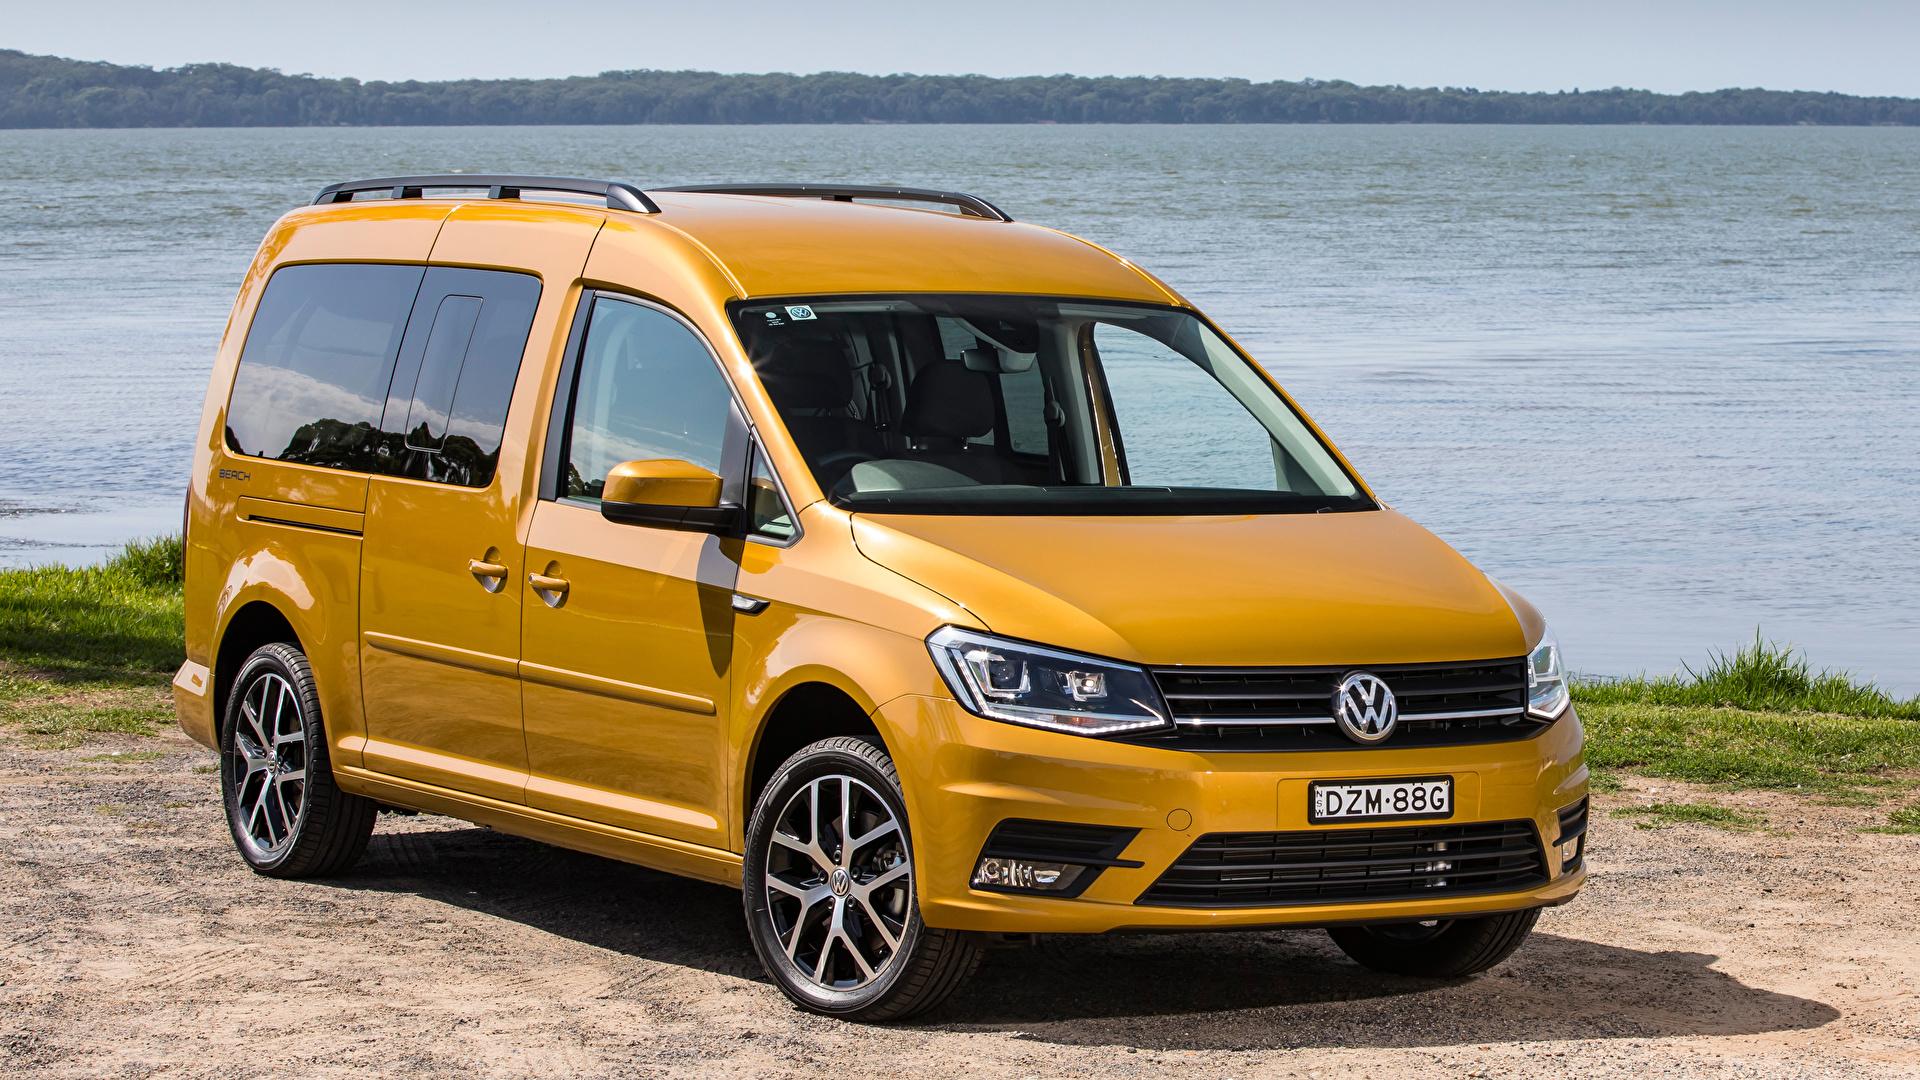 Fotos von Volkswagen 2019 Caddy Beach Maxi Gelb Autos Metallisch 1920x1080